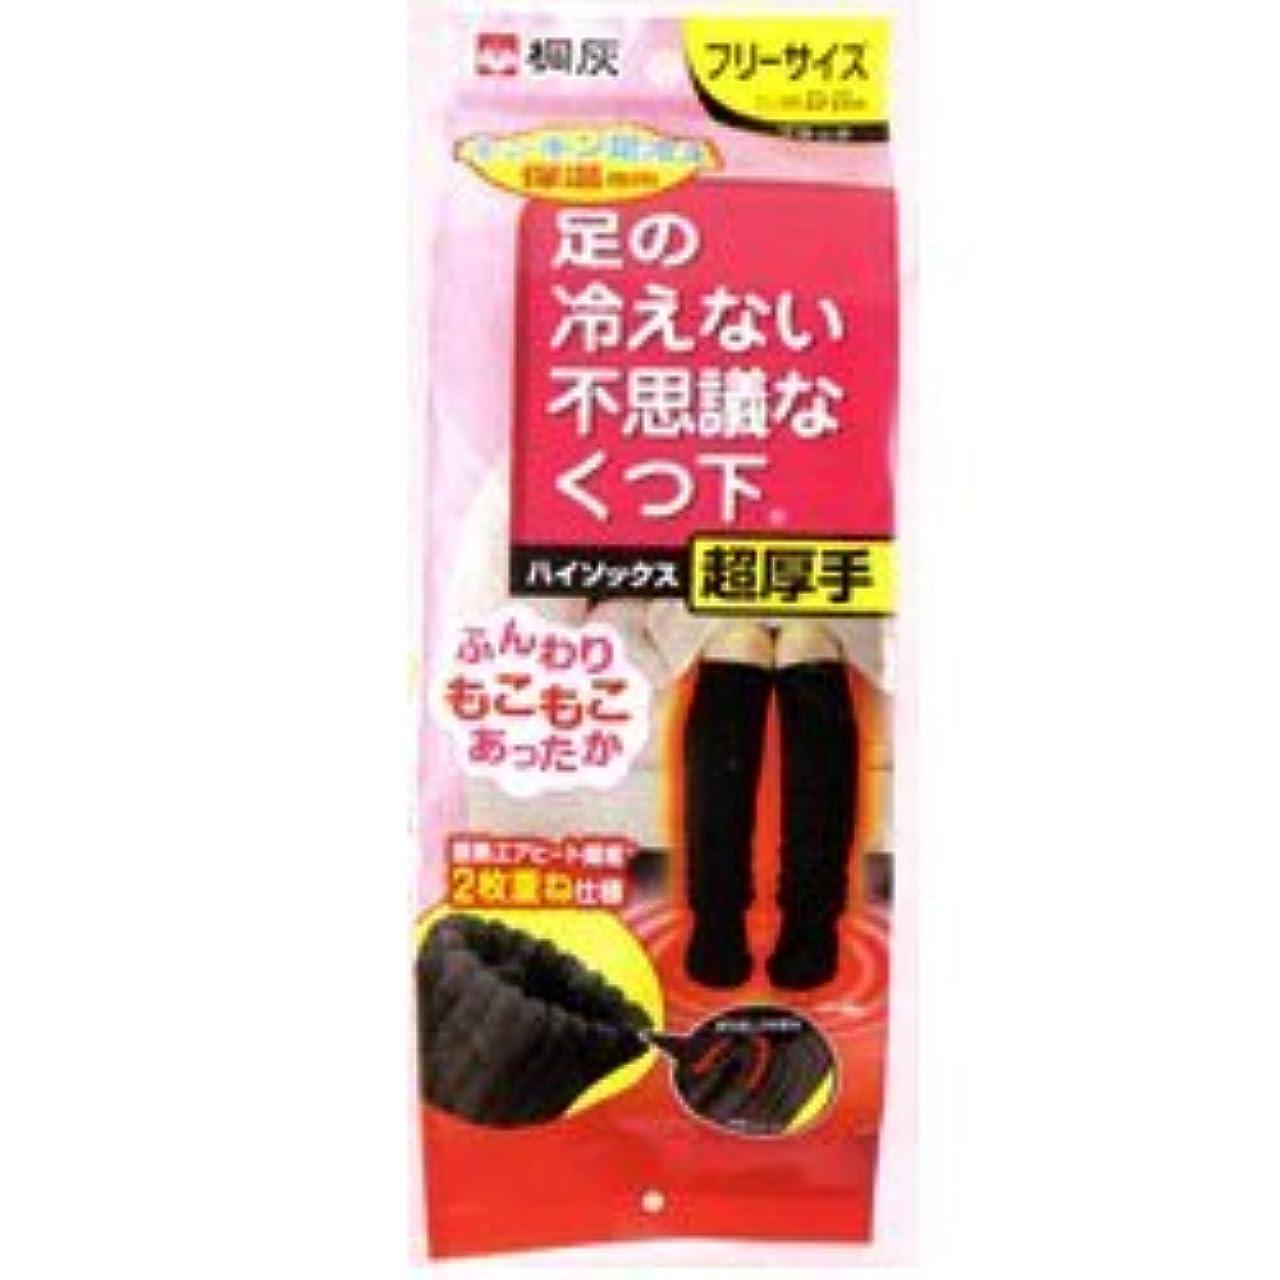 赤外線軽蔑面倒【桐灰化学】足の冷えない不思議な靴下 ハイソックス 超厚手 ブラック フリーサイズ 1足分 ×3個セット